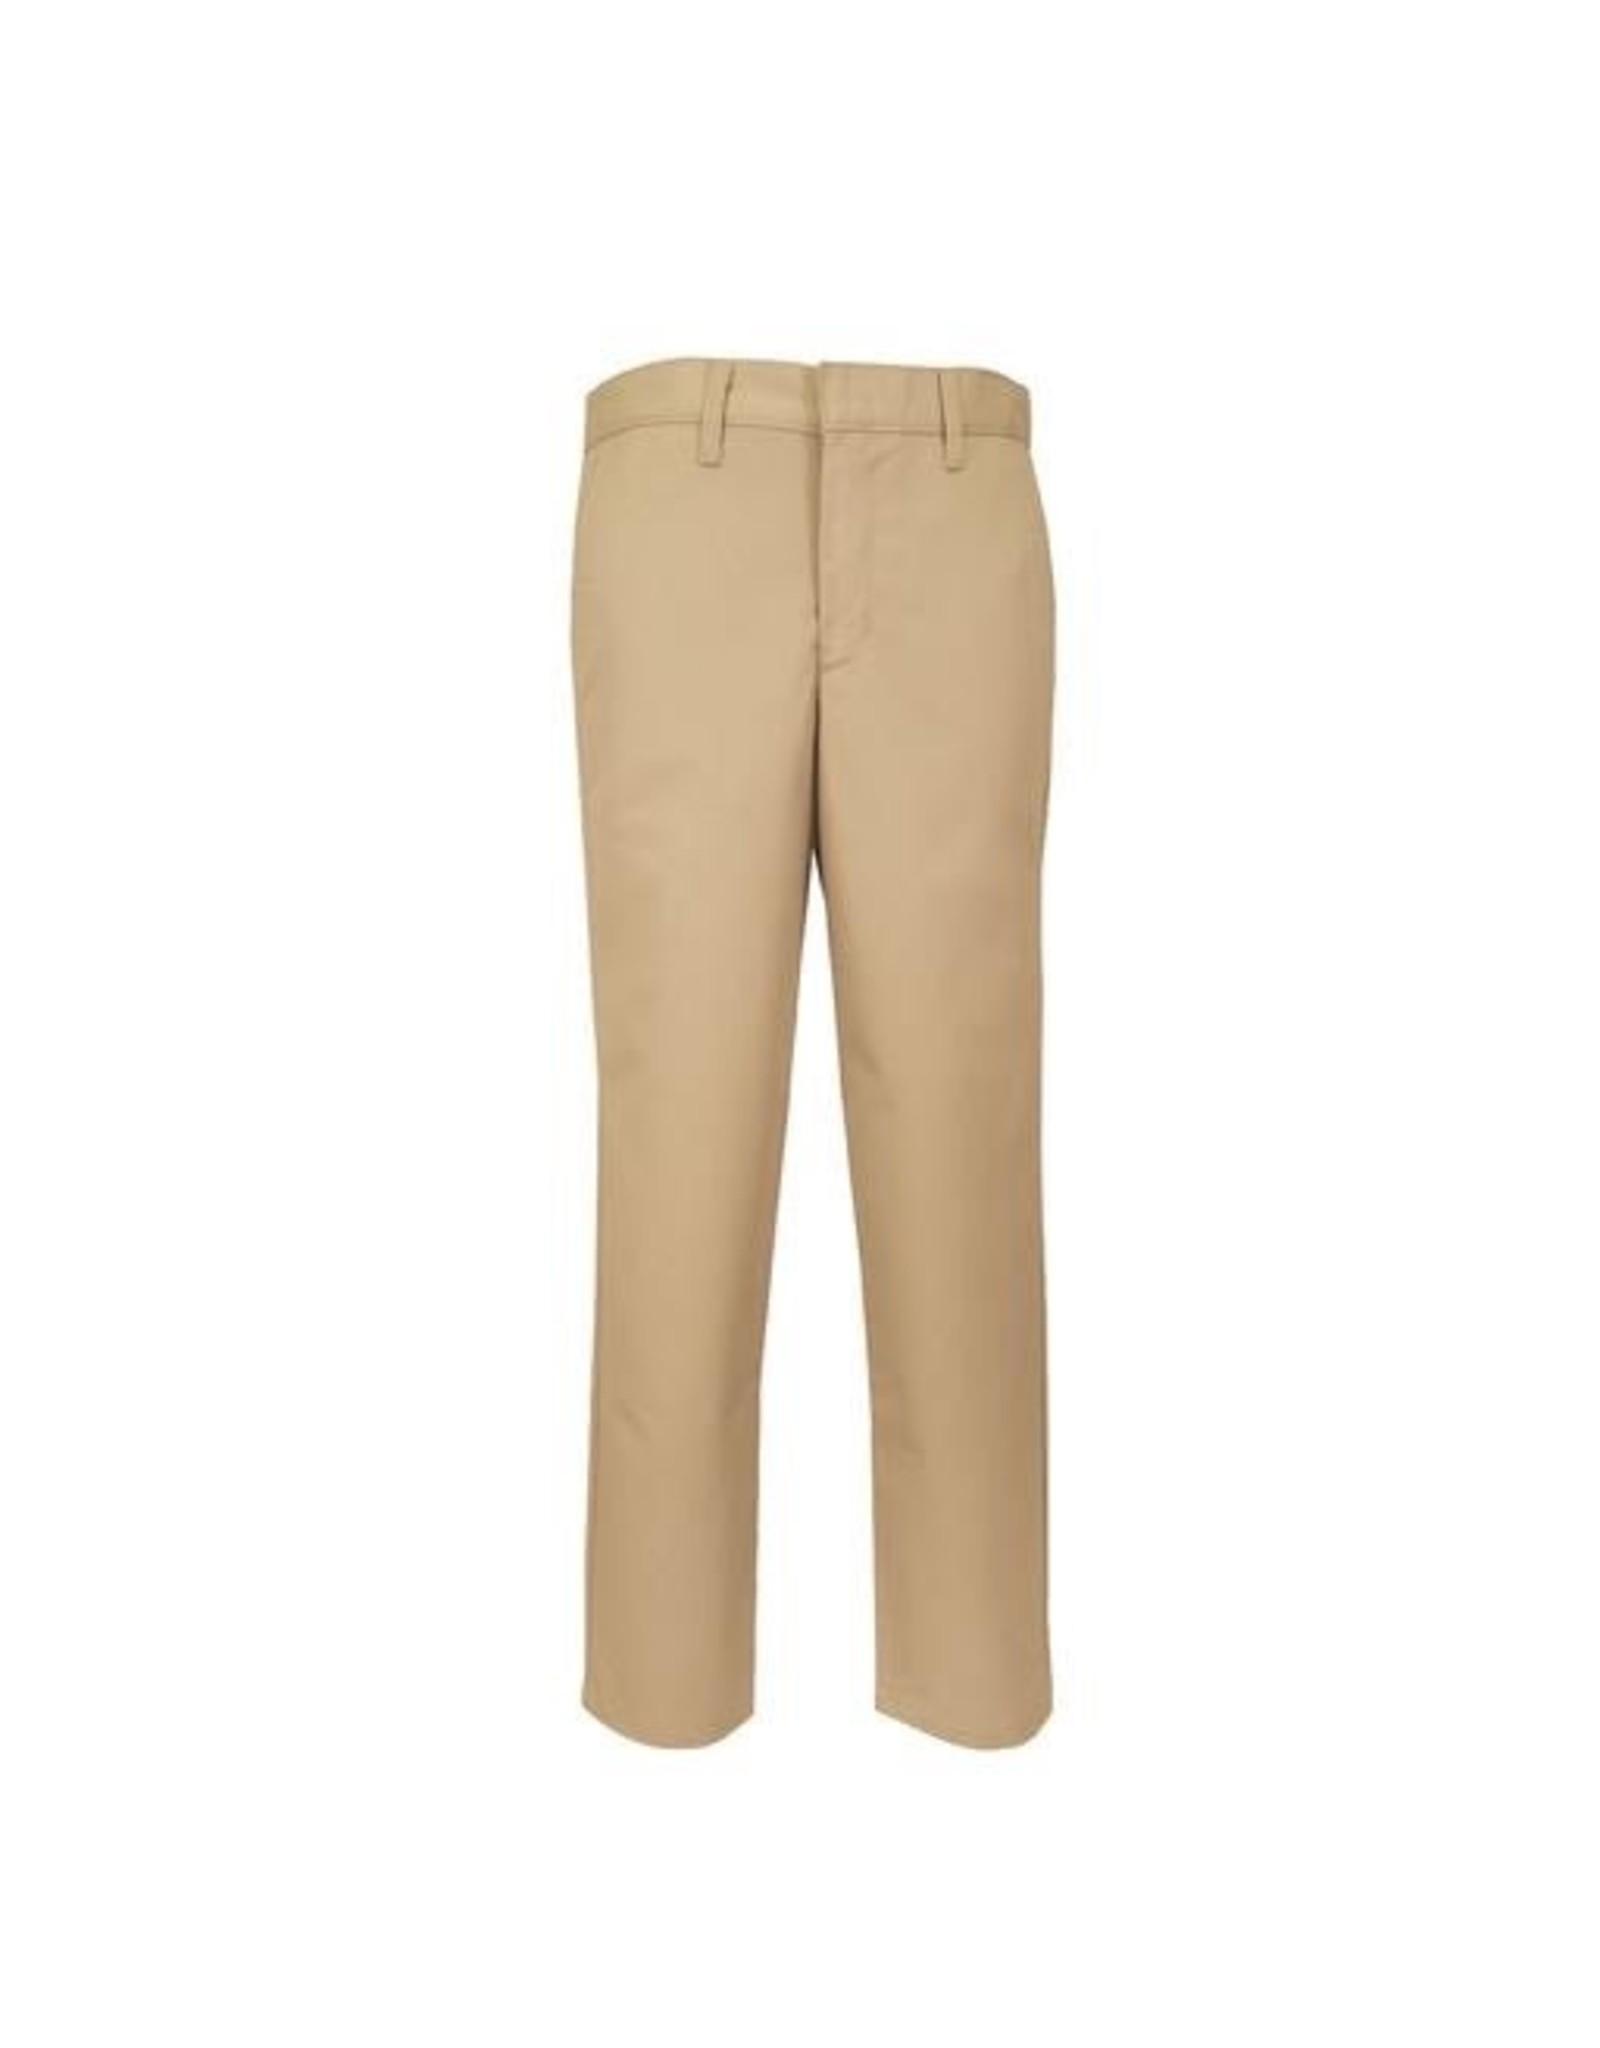 UNIFORM Boys/Mens Khaki Pants-NEW STYLE